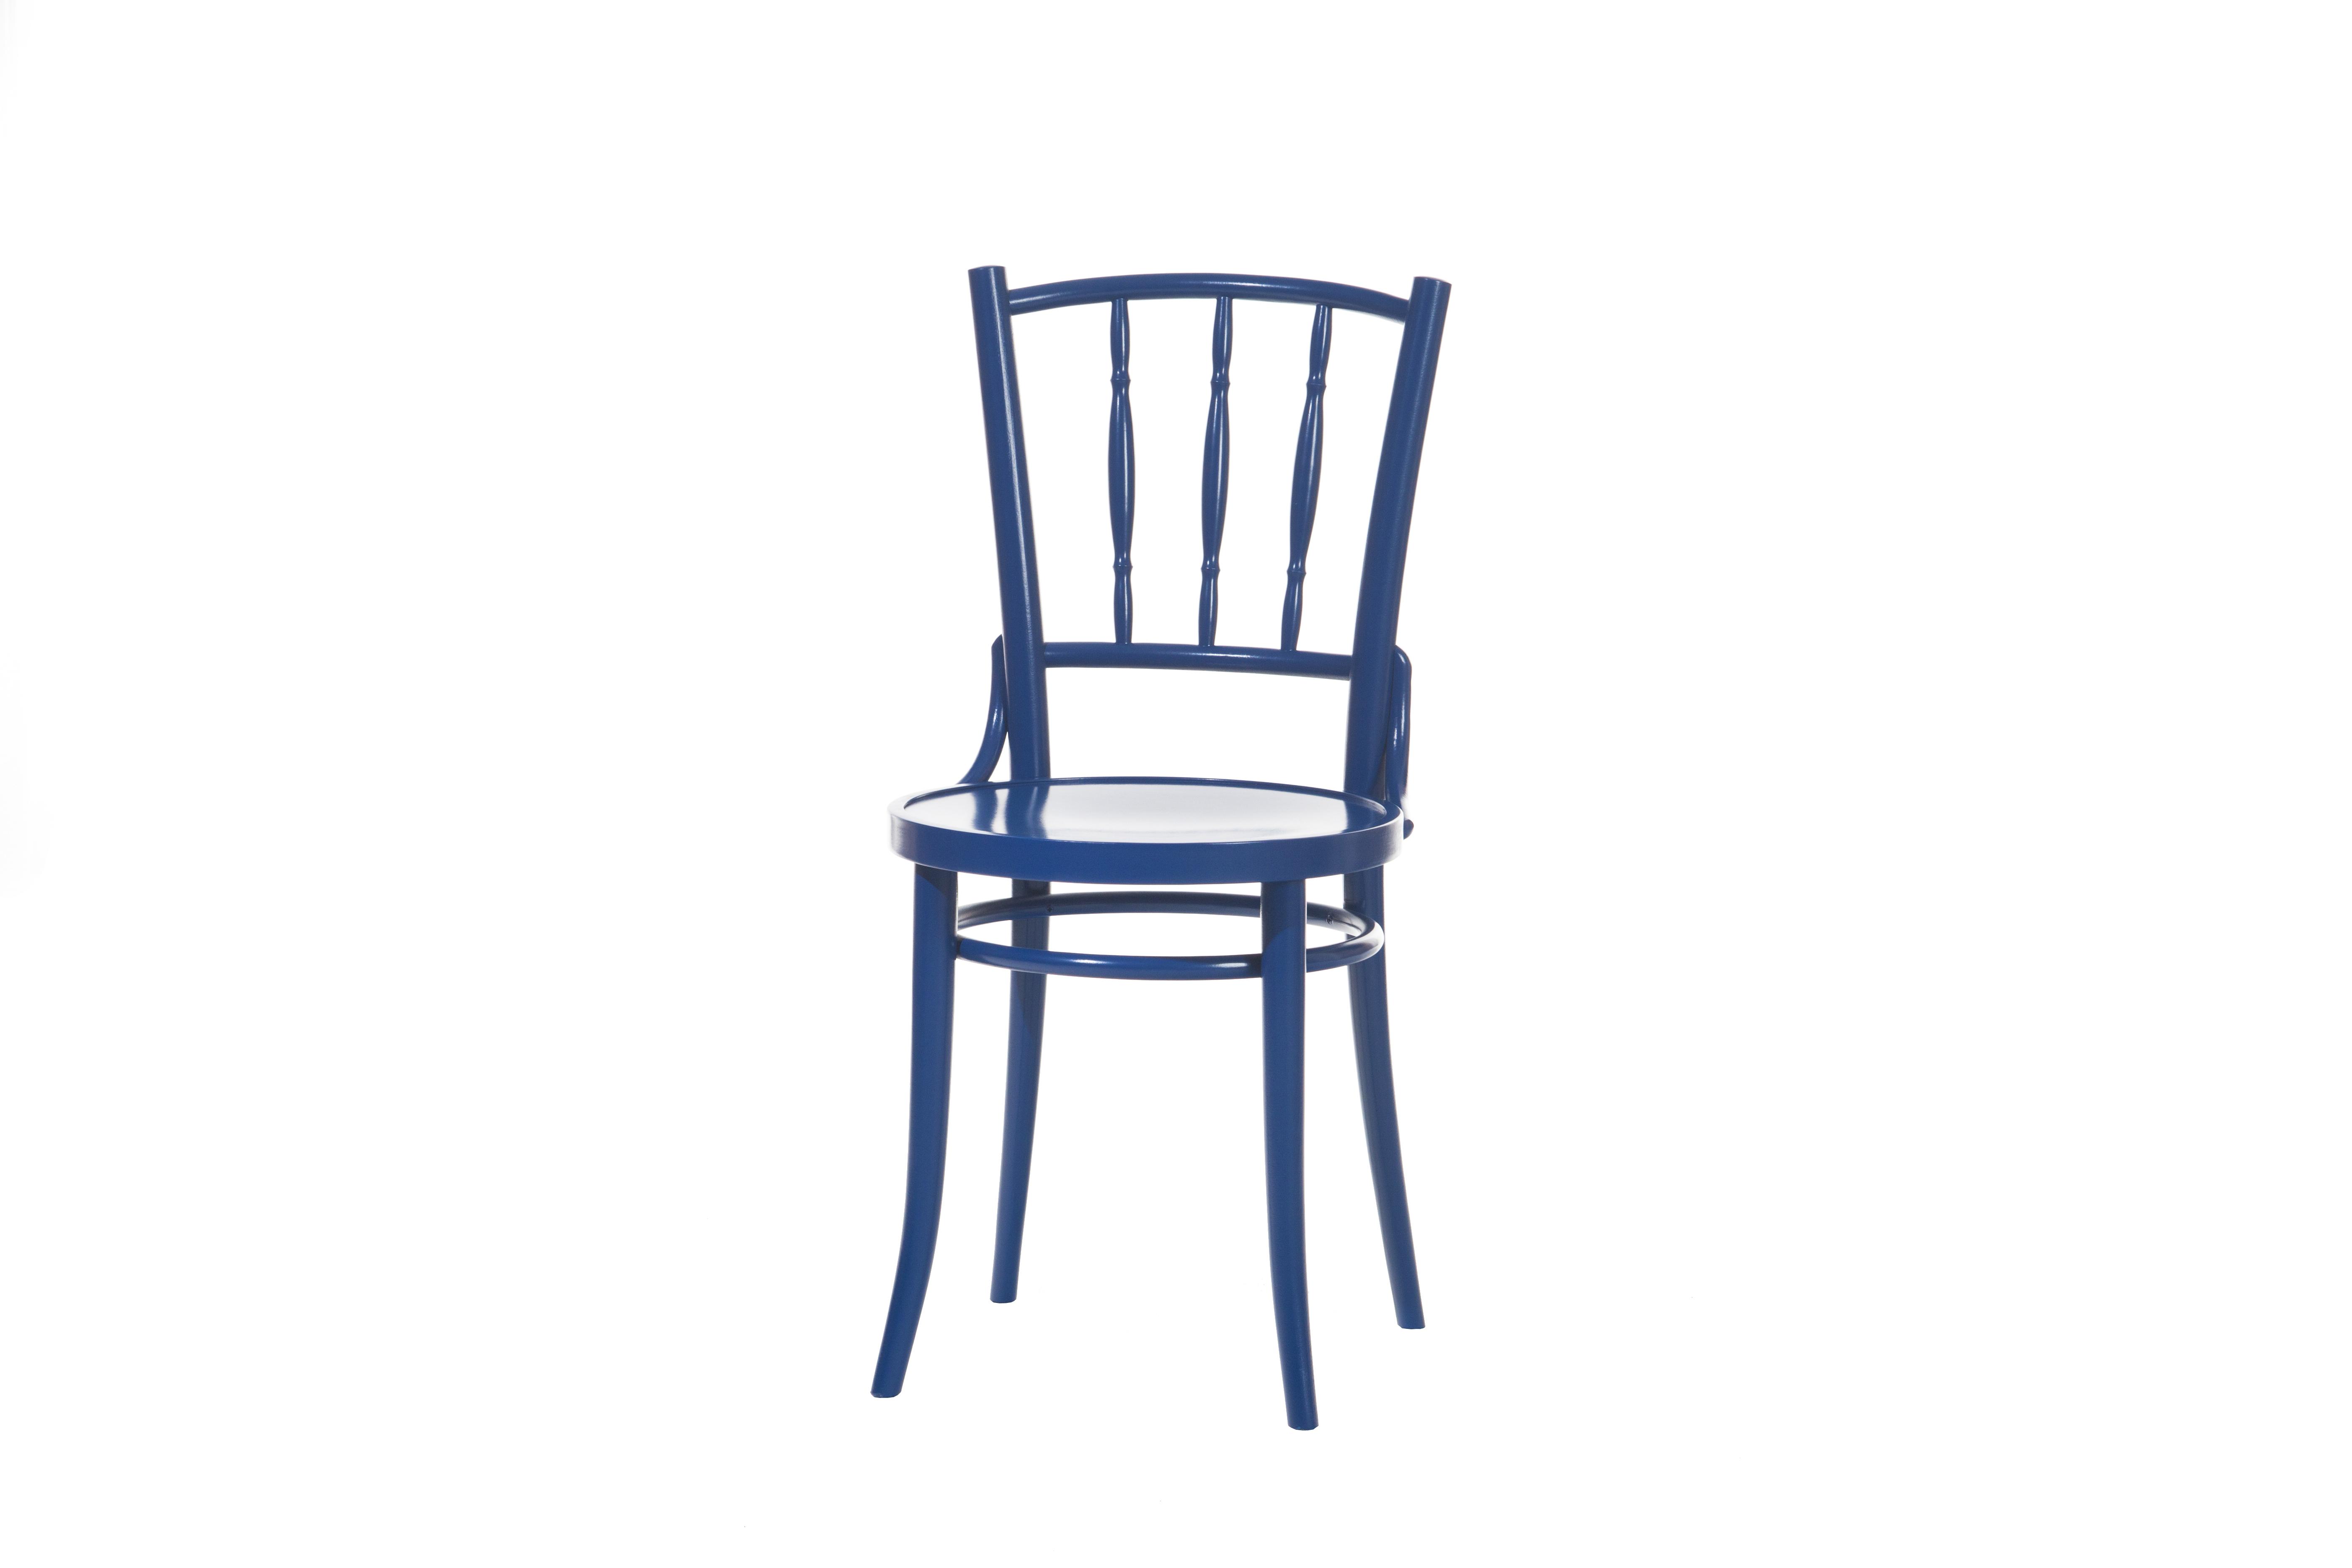 Scaun din lemn de fag Dejavu 378 Blue l405xA48xH865 cm